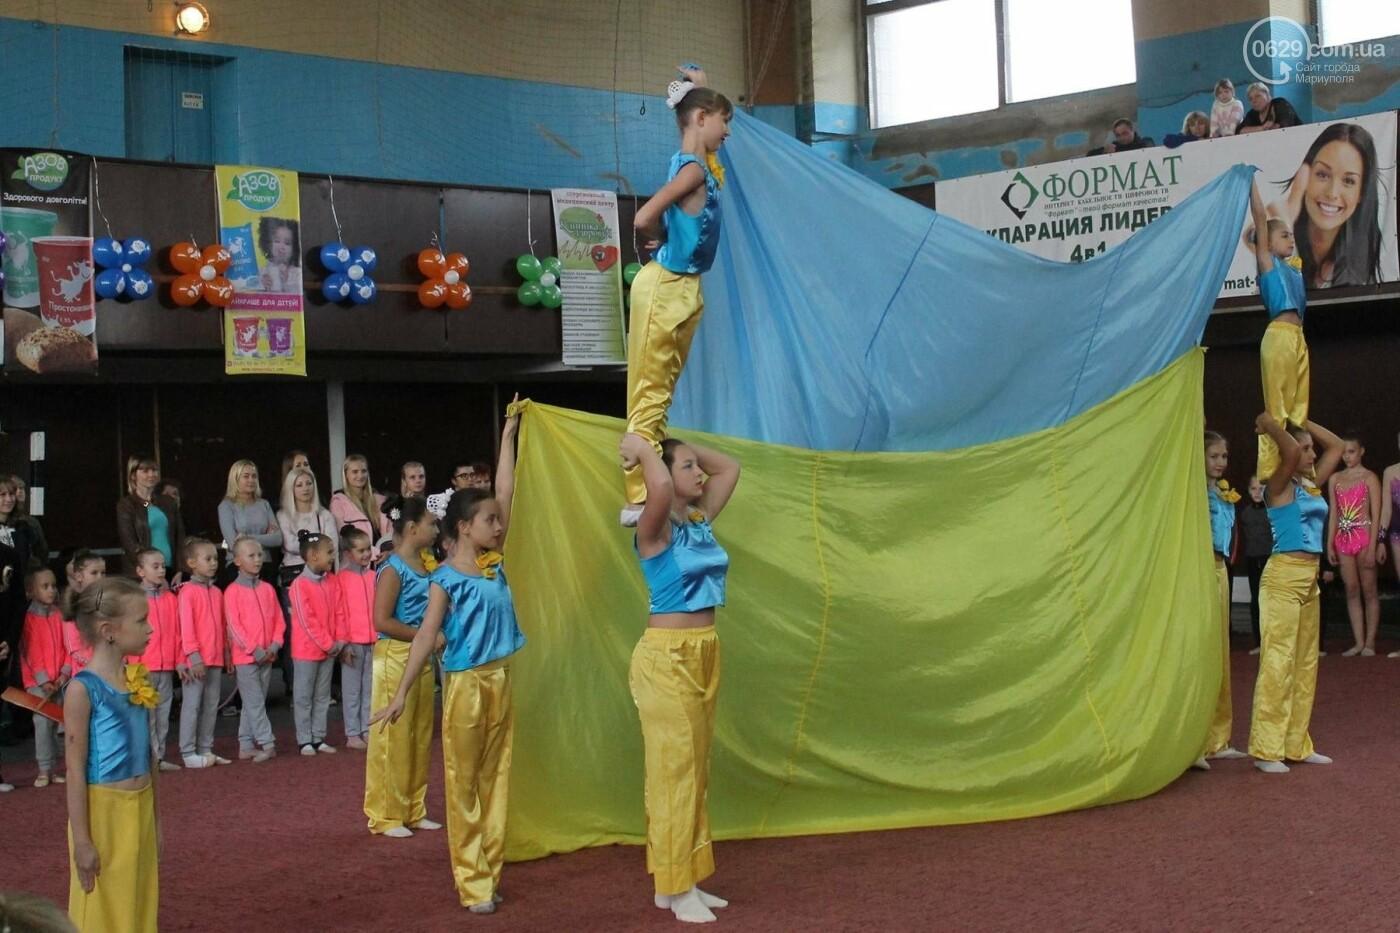 Мариупольцев приглашают на 8-й турнир по художественной гимнастике «Елизавета», фото-14